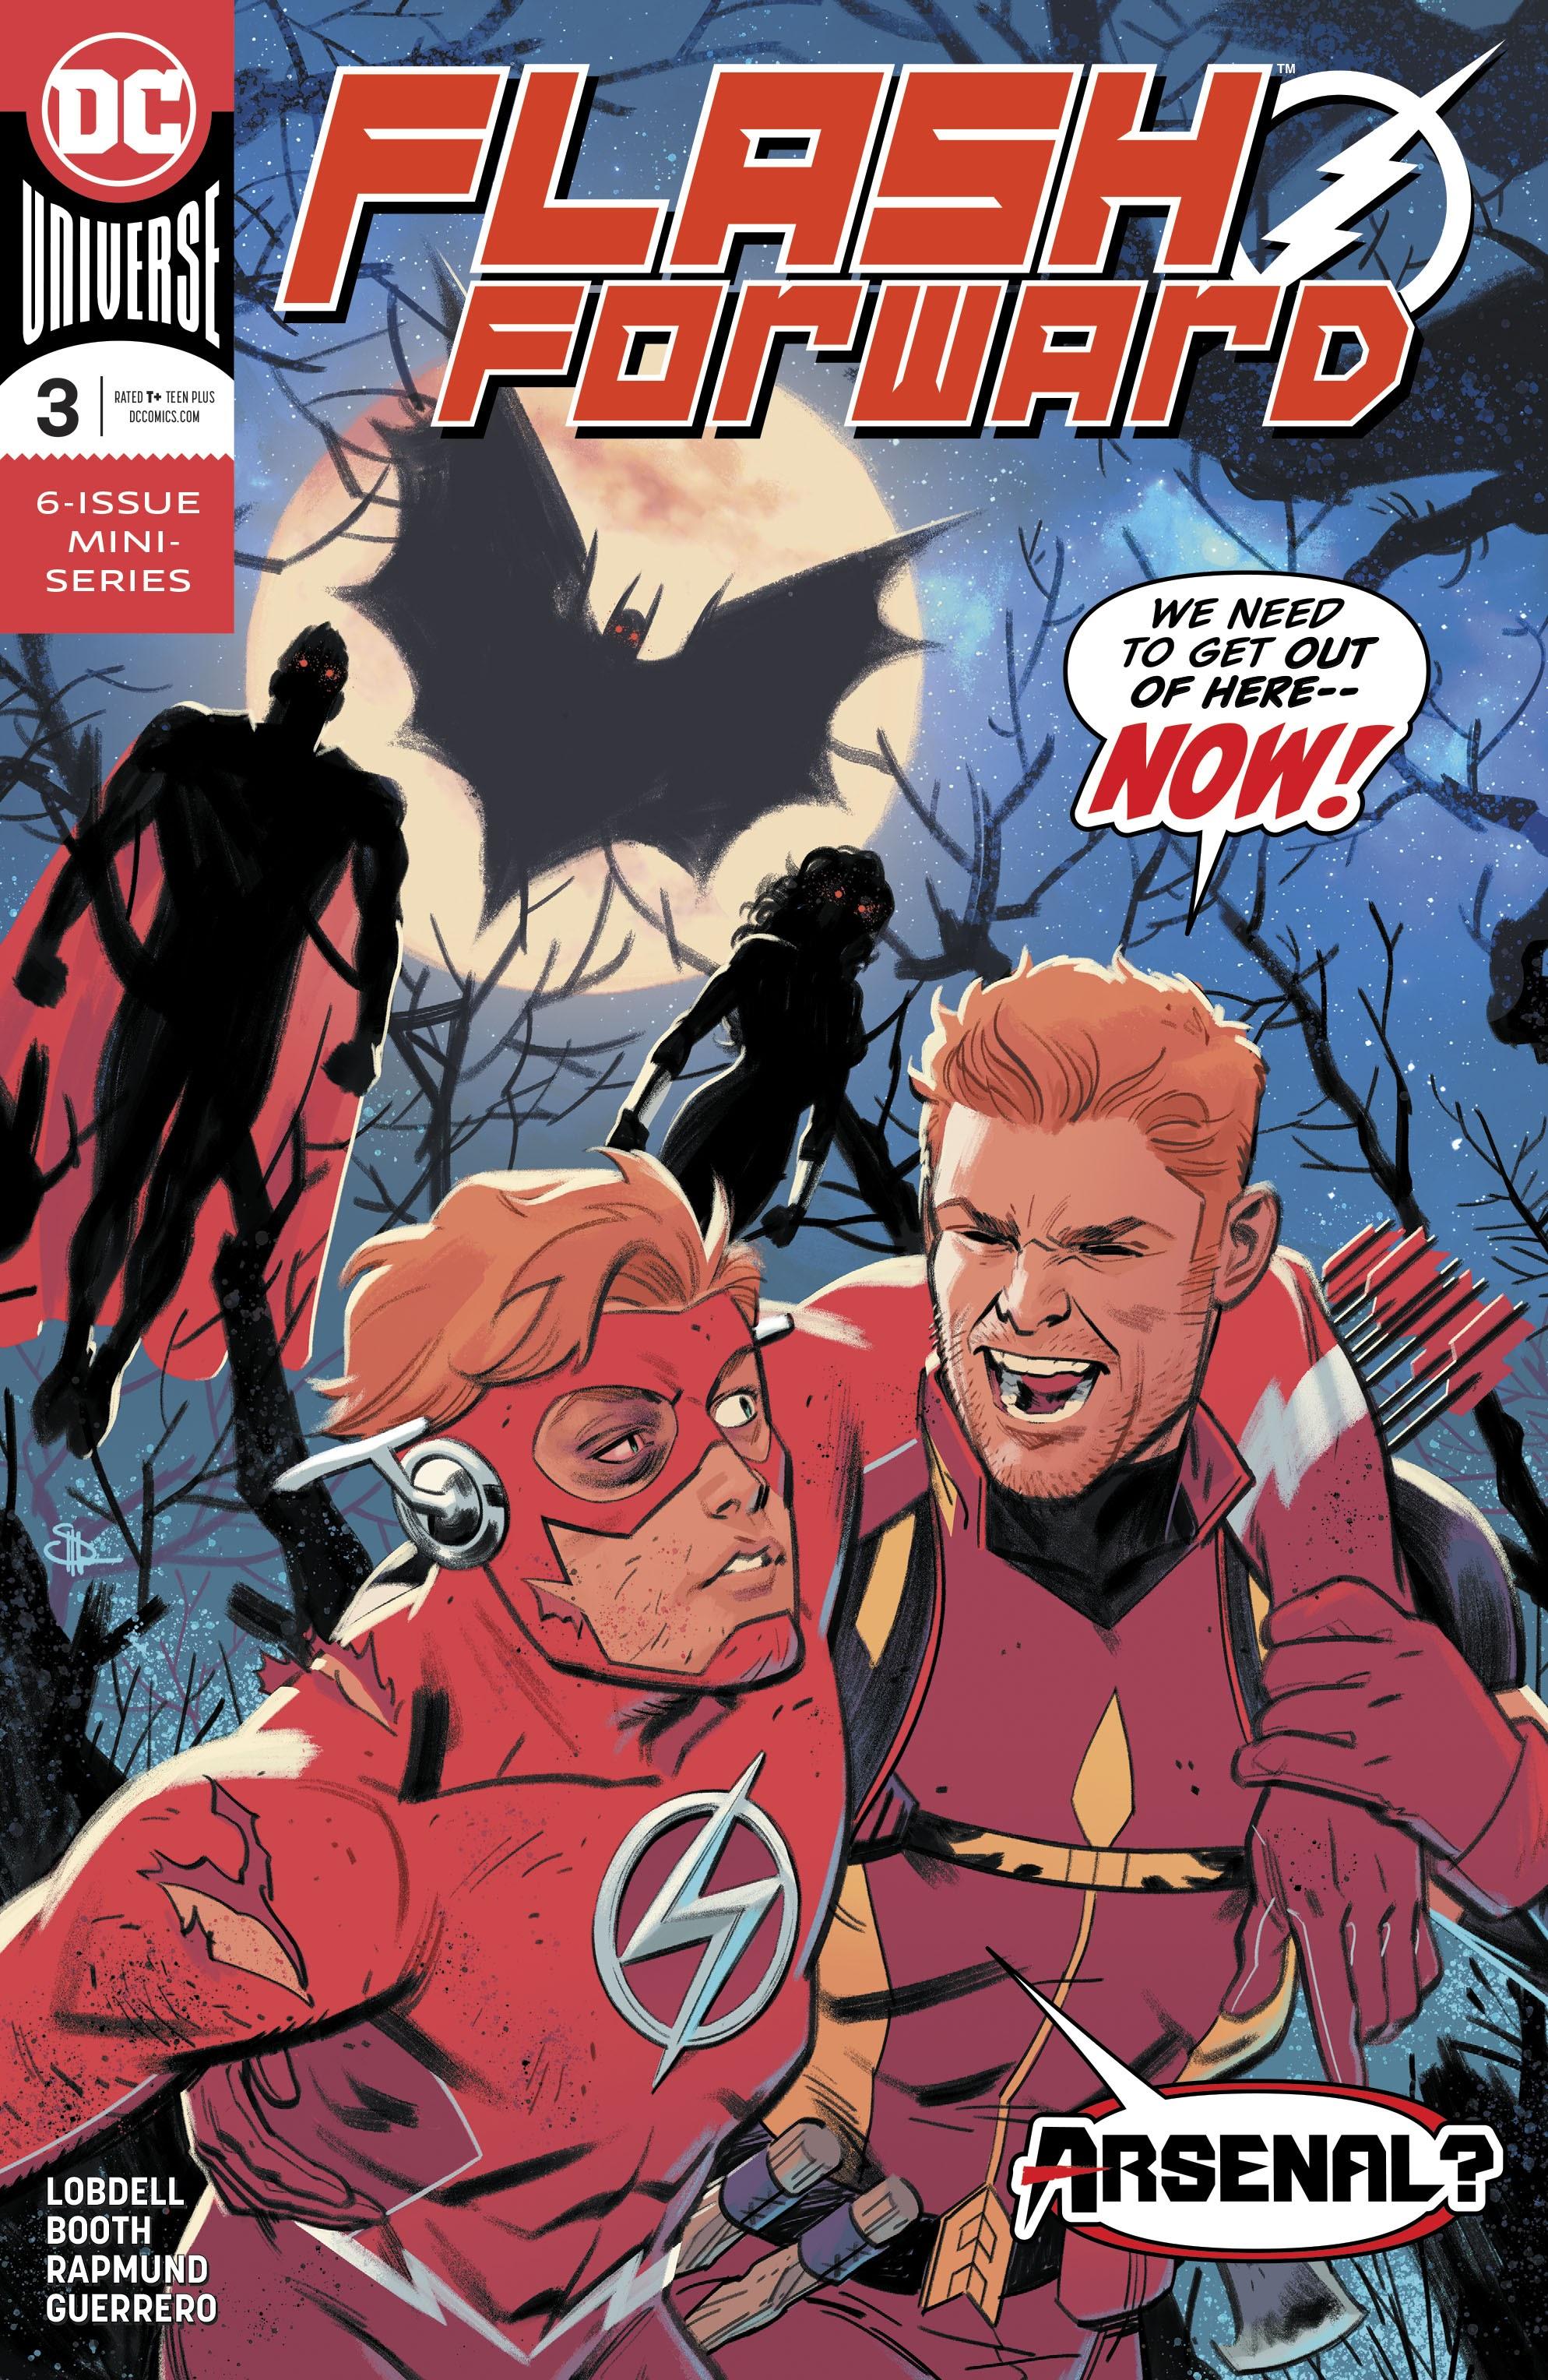 【DC宇宙相關】三代閃電俠來到正義聯盟全員都變成吸血鬼的 43 號地球!